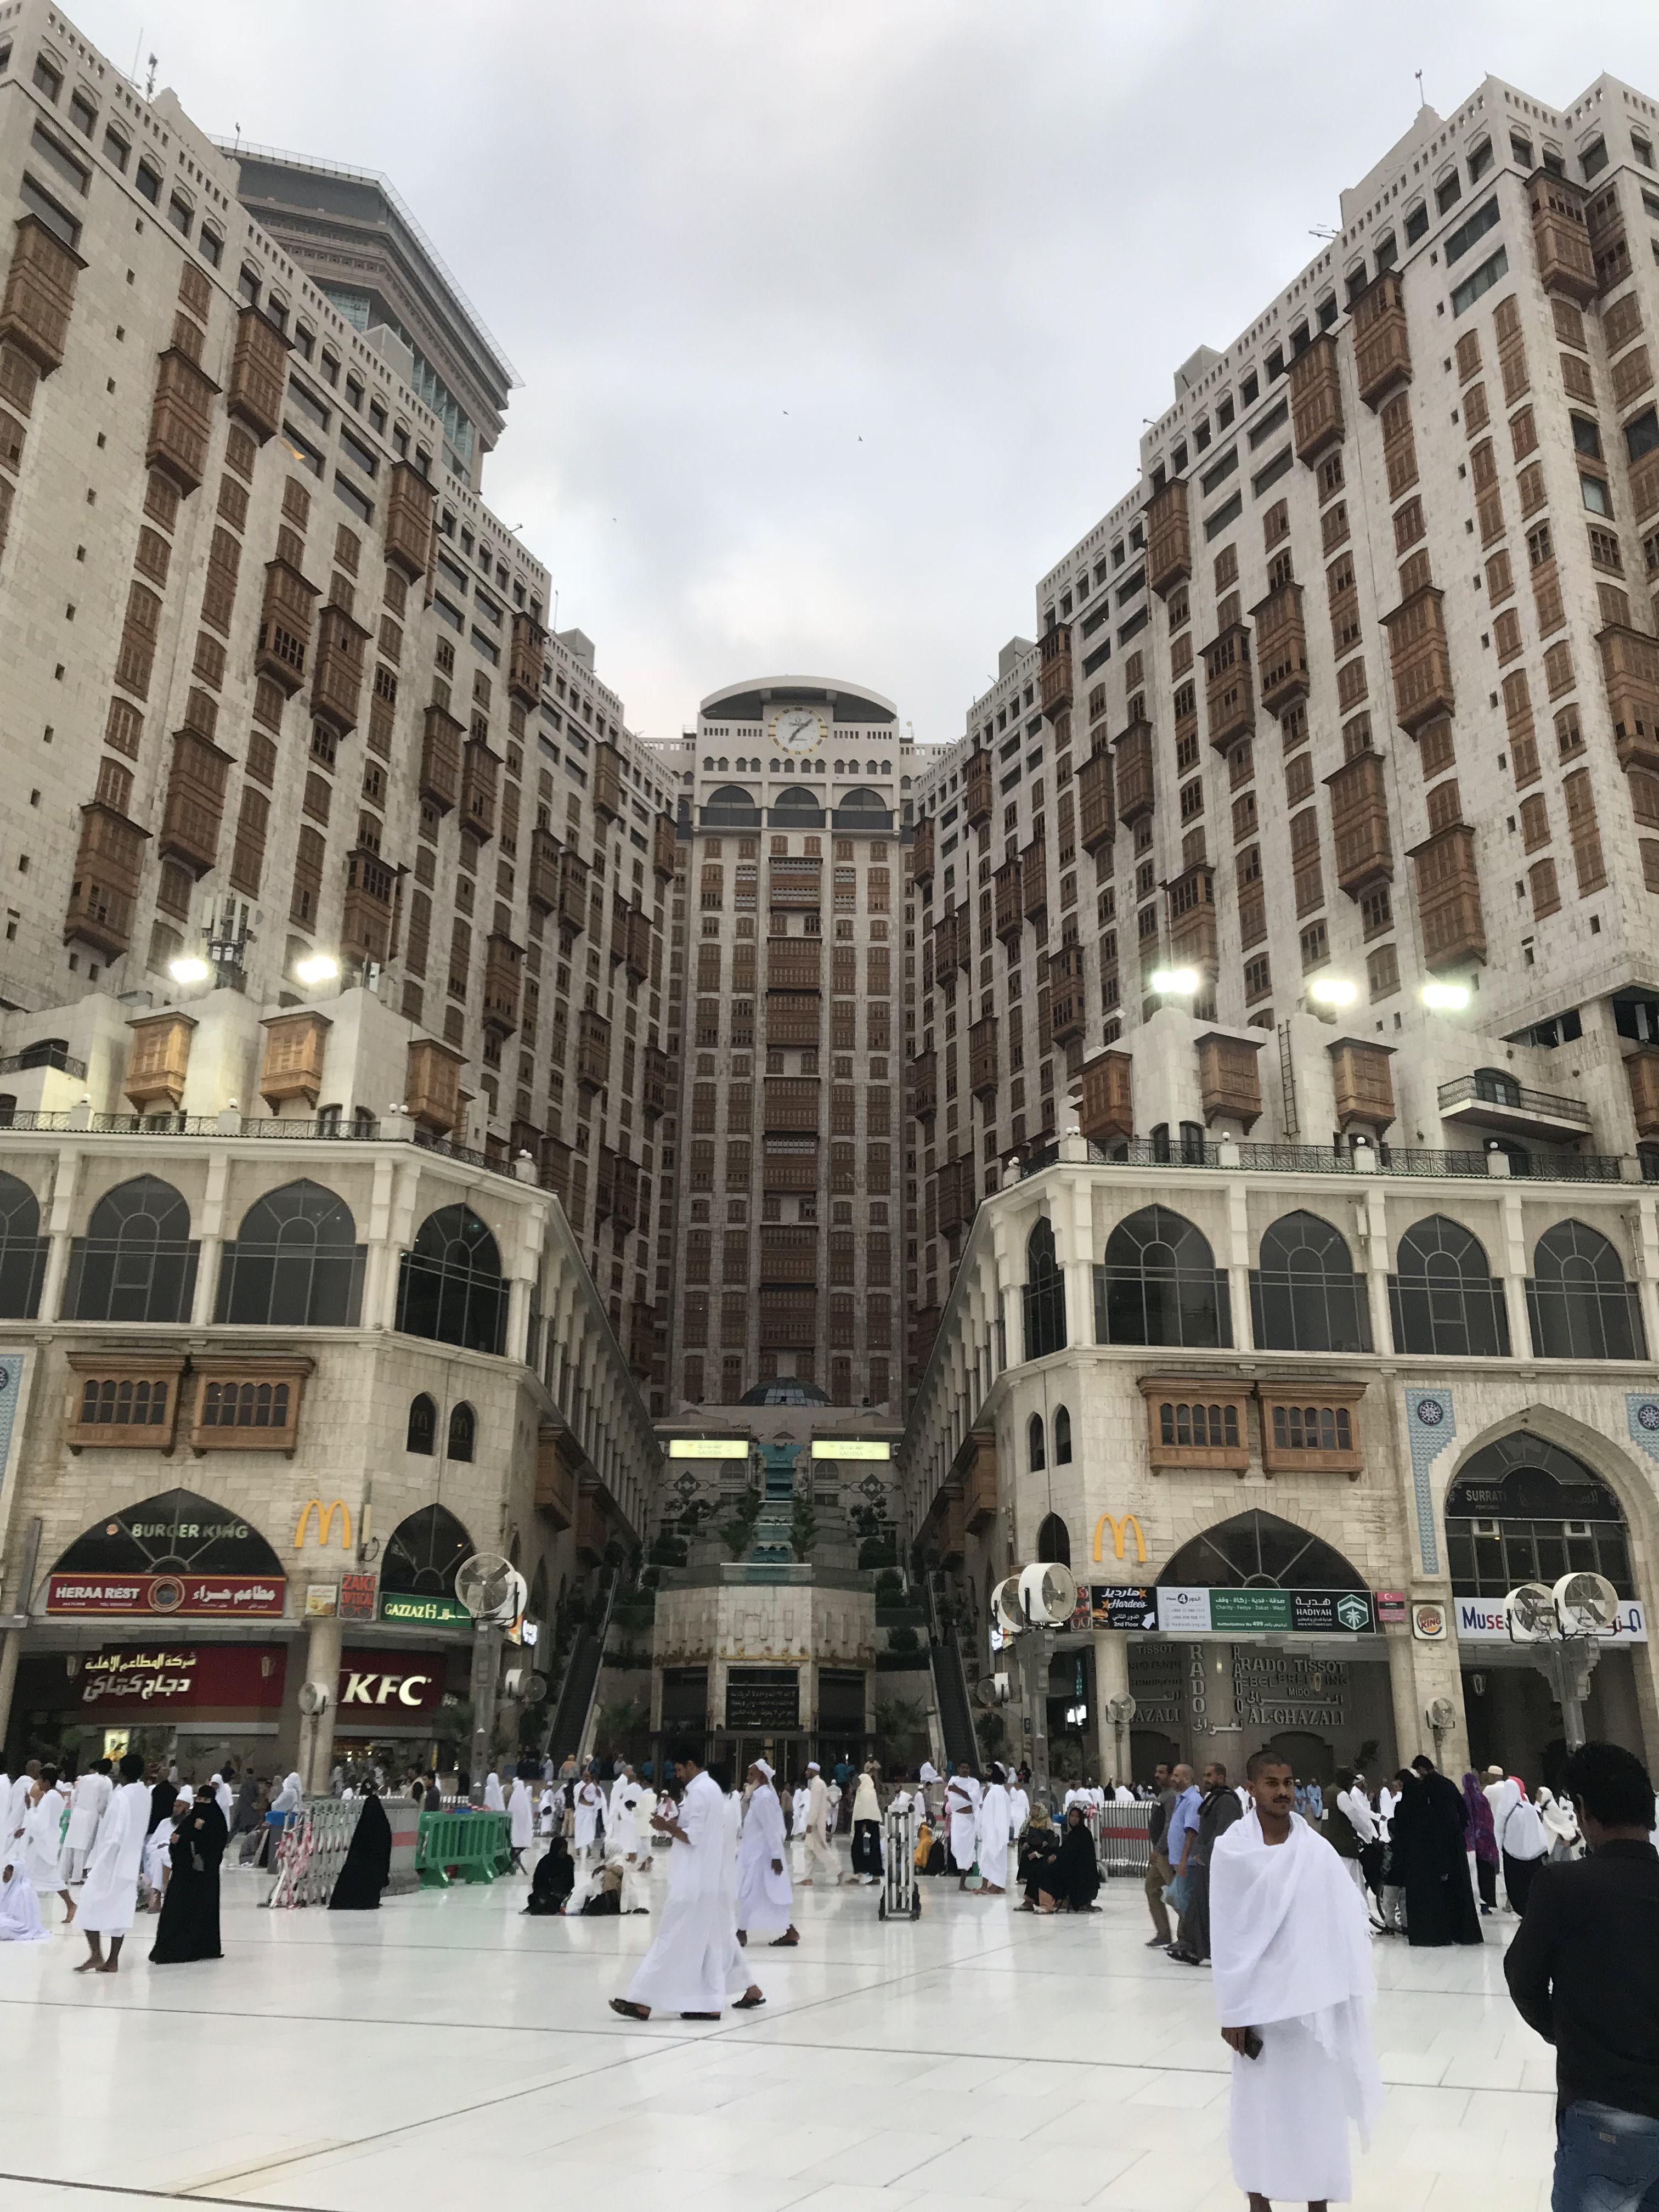 Makkah Street View Views Scenes